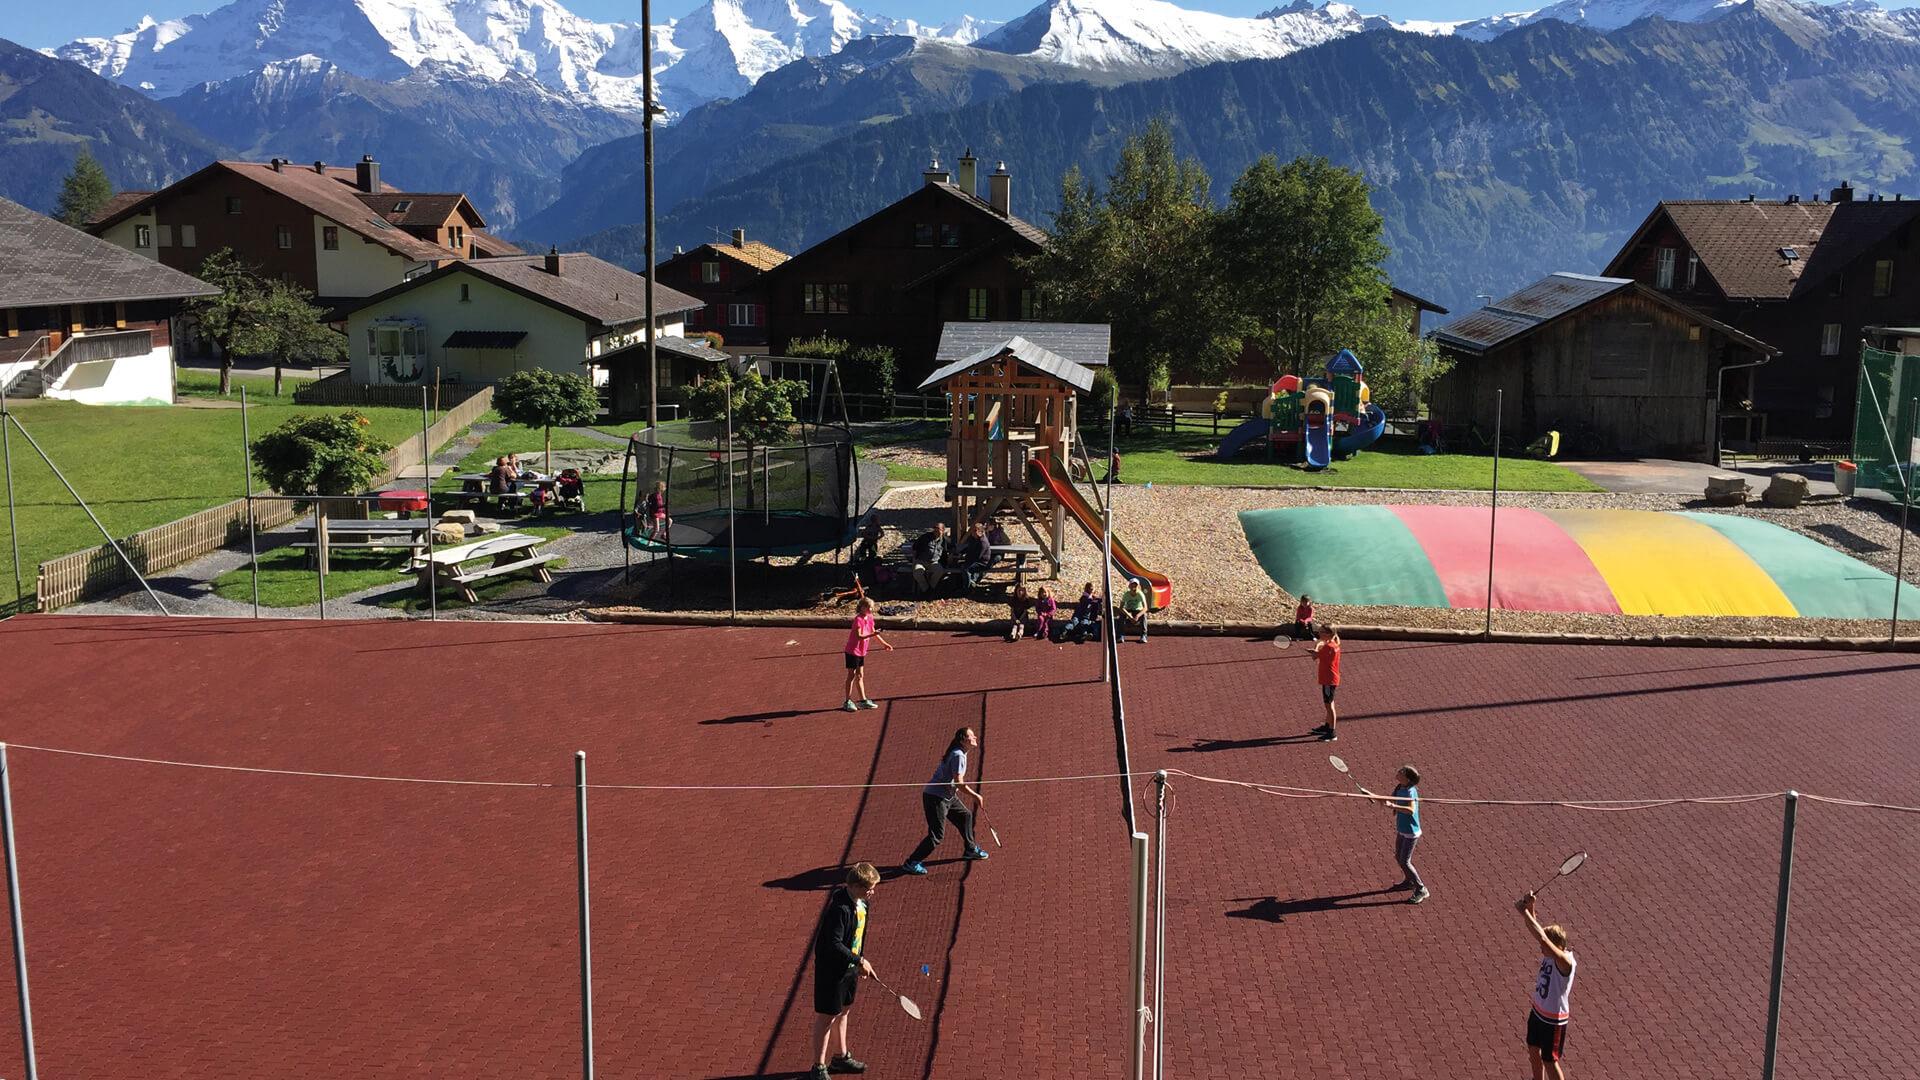 beatenberg-spielplatz-tennisplatz